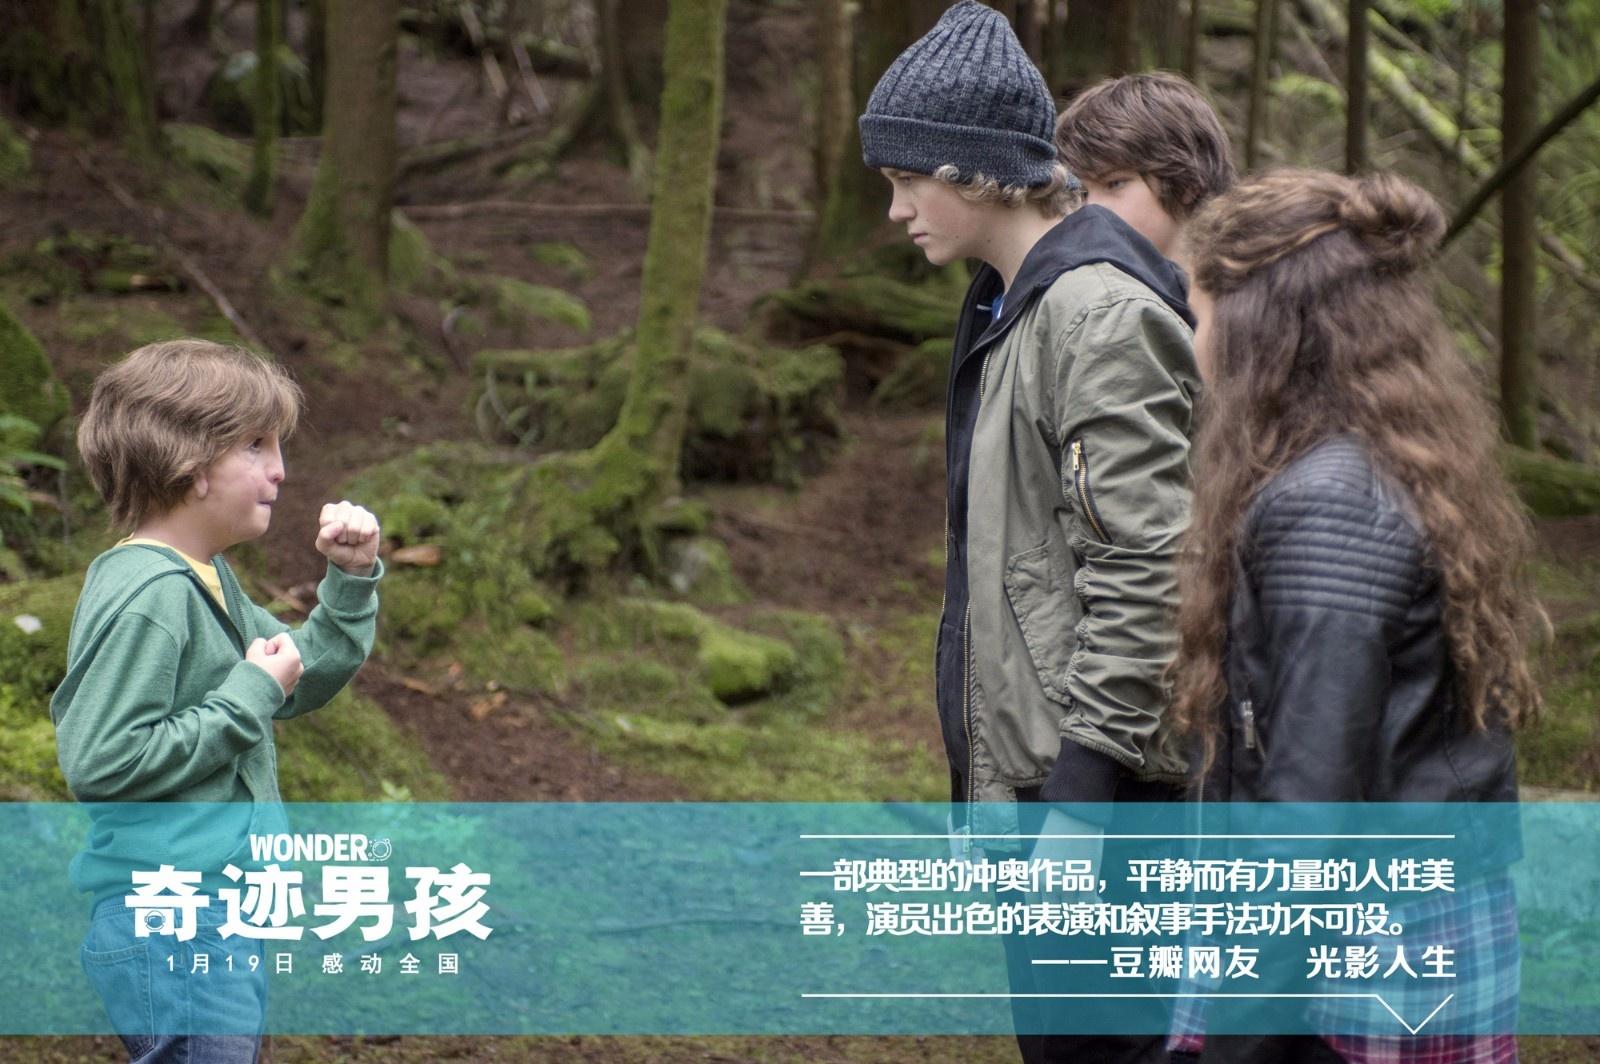 《奇迹男孩》暖心上映 以情动人观众变自来水